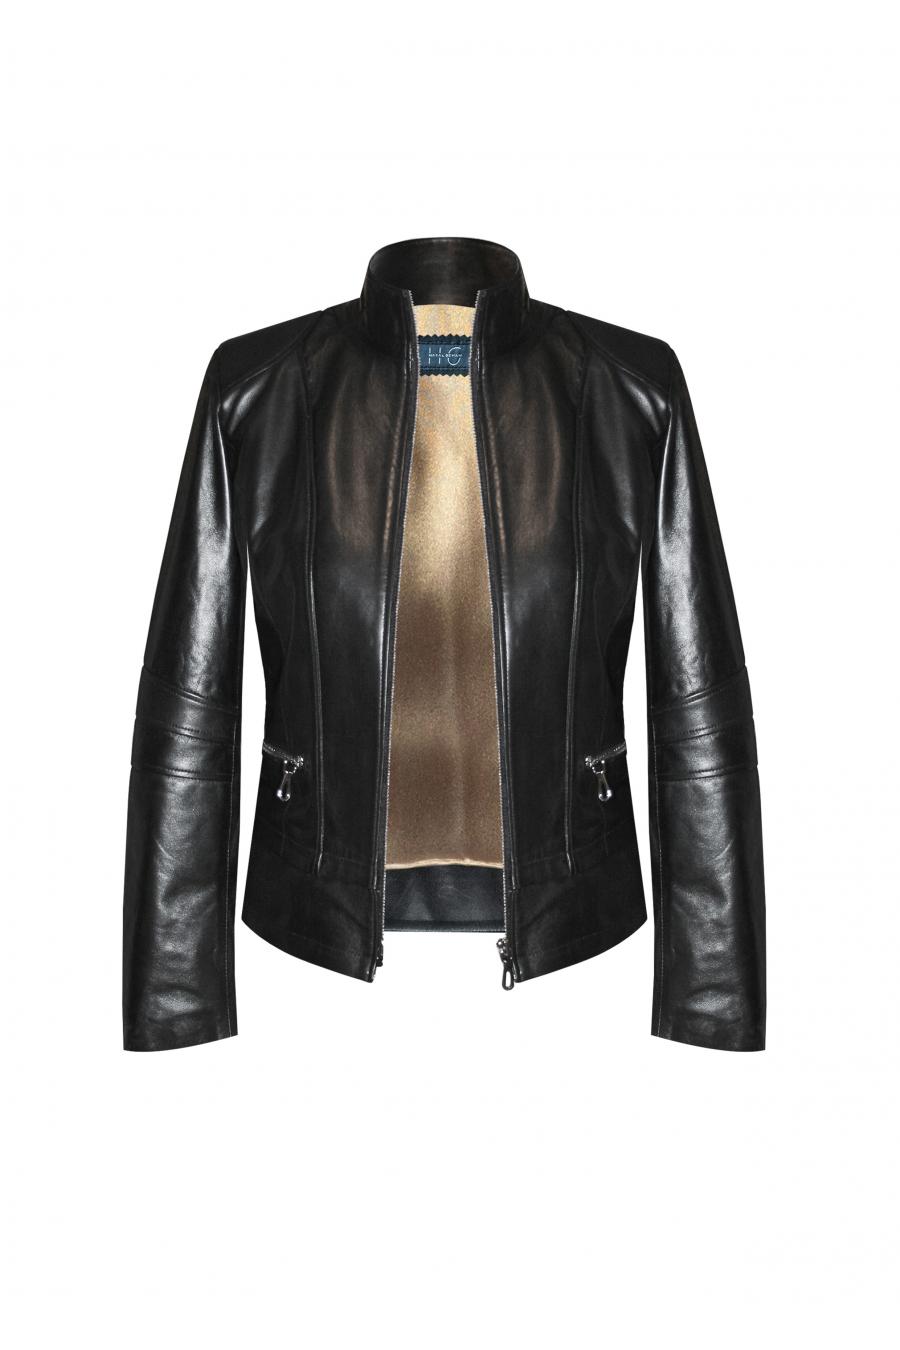 Fonde Siyah Deri Ceket